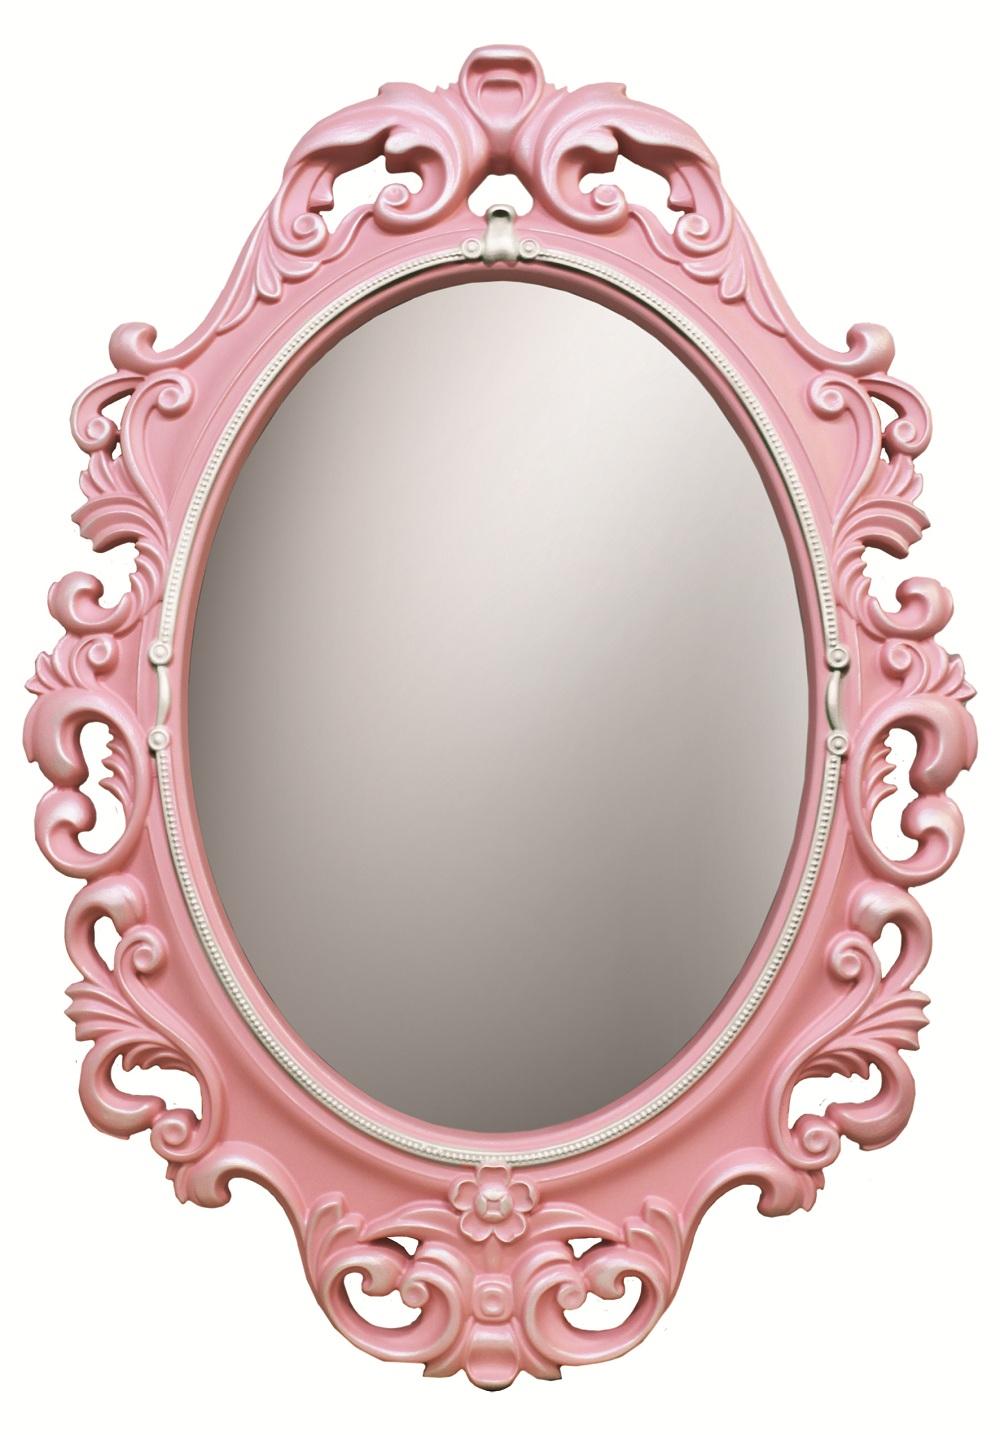 Интерьерное винтажное зеркало, inmyroom  - Купить